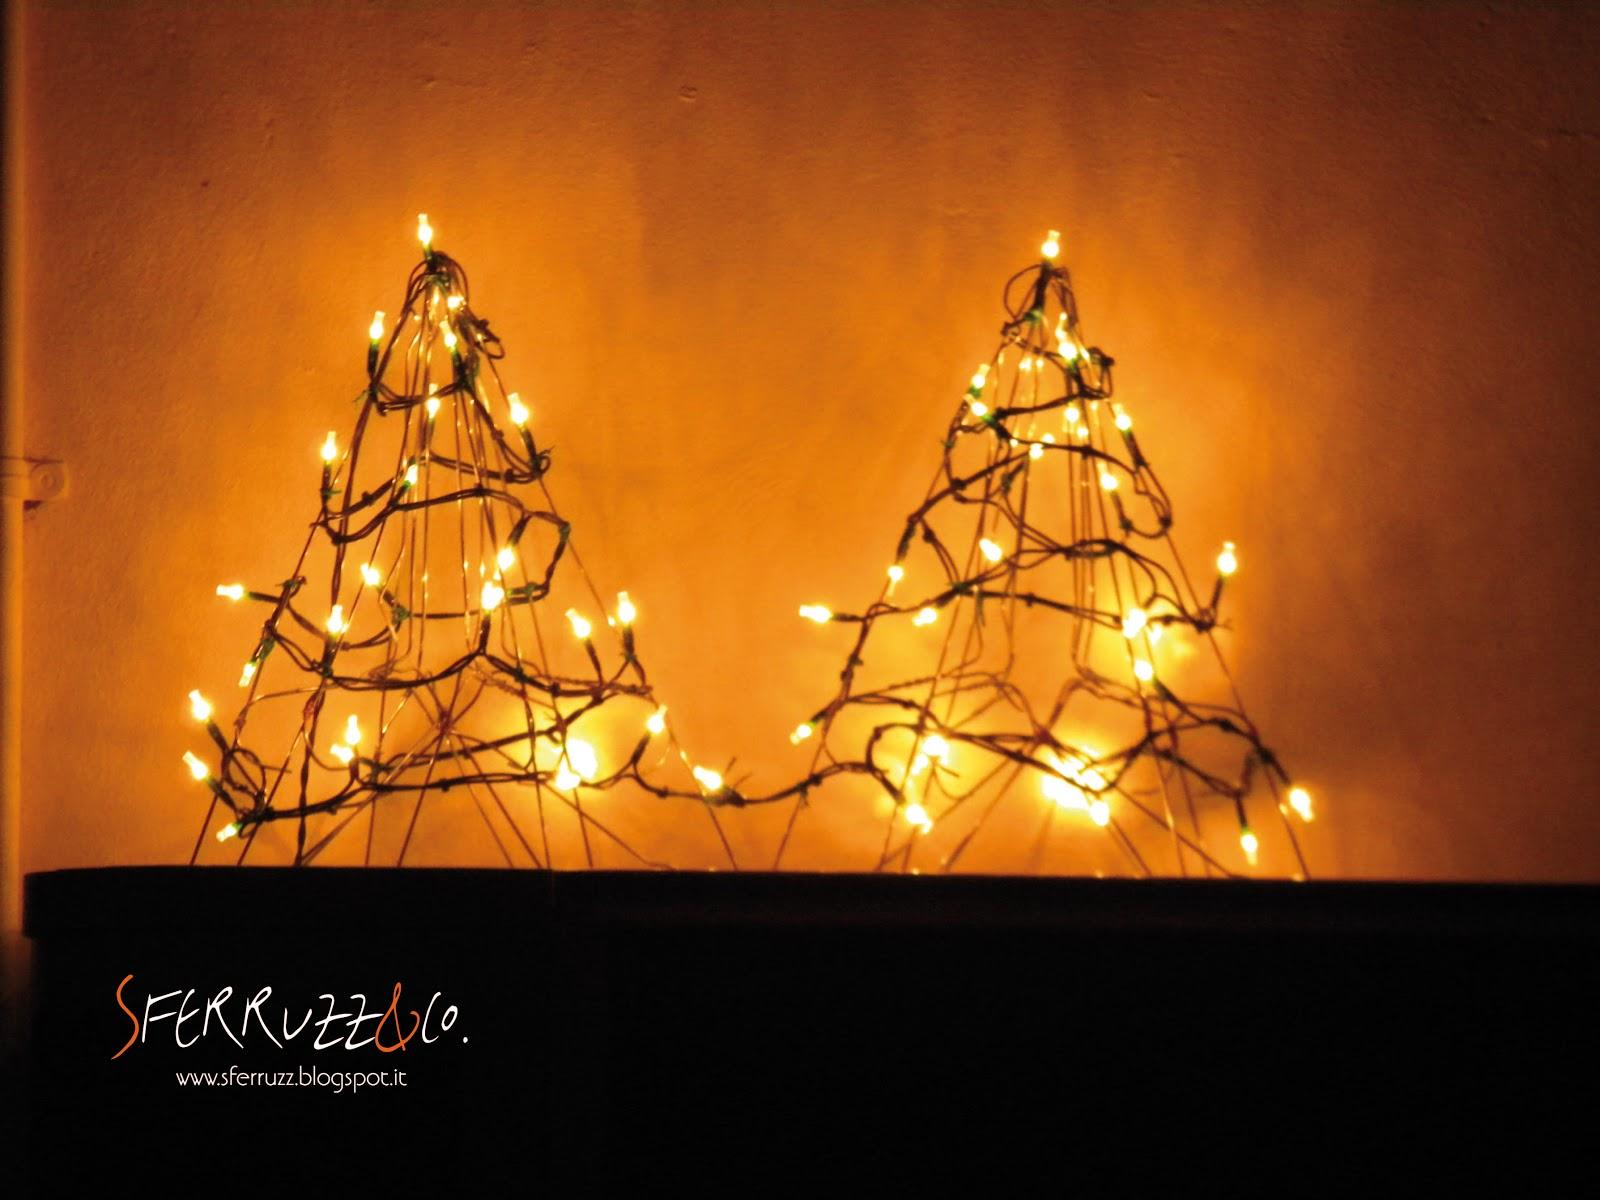 Decorazioni Luminose Natalizie : Sferruzz&co: decorazioni natalizie alberelli luminosi con le grucce